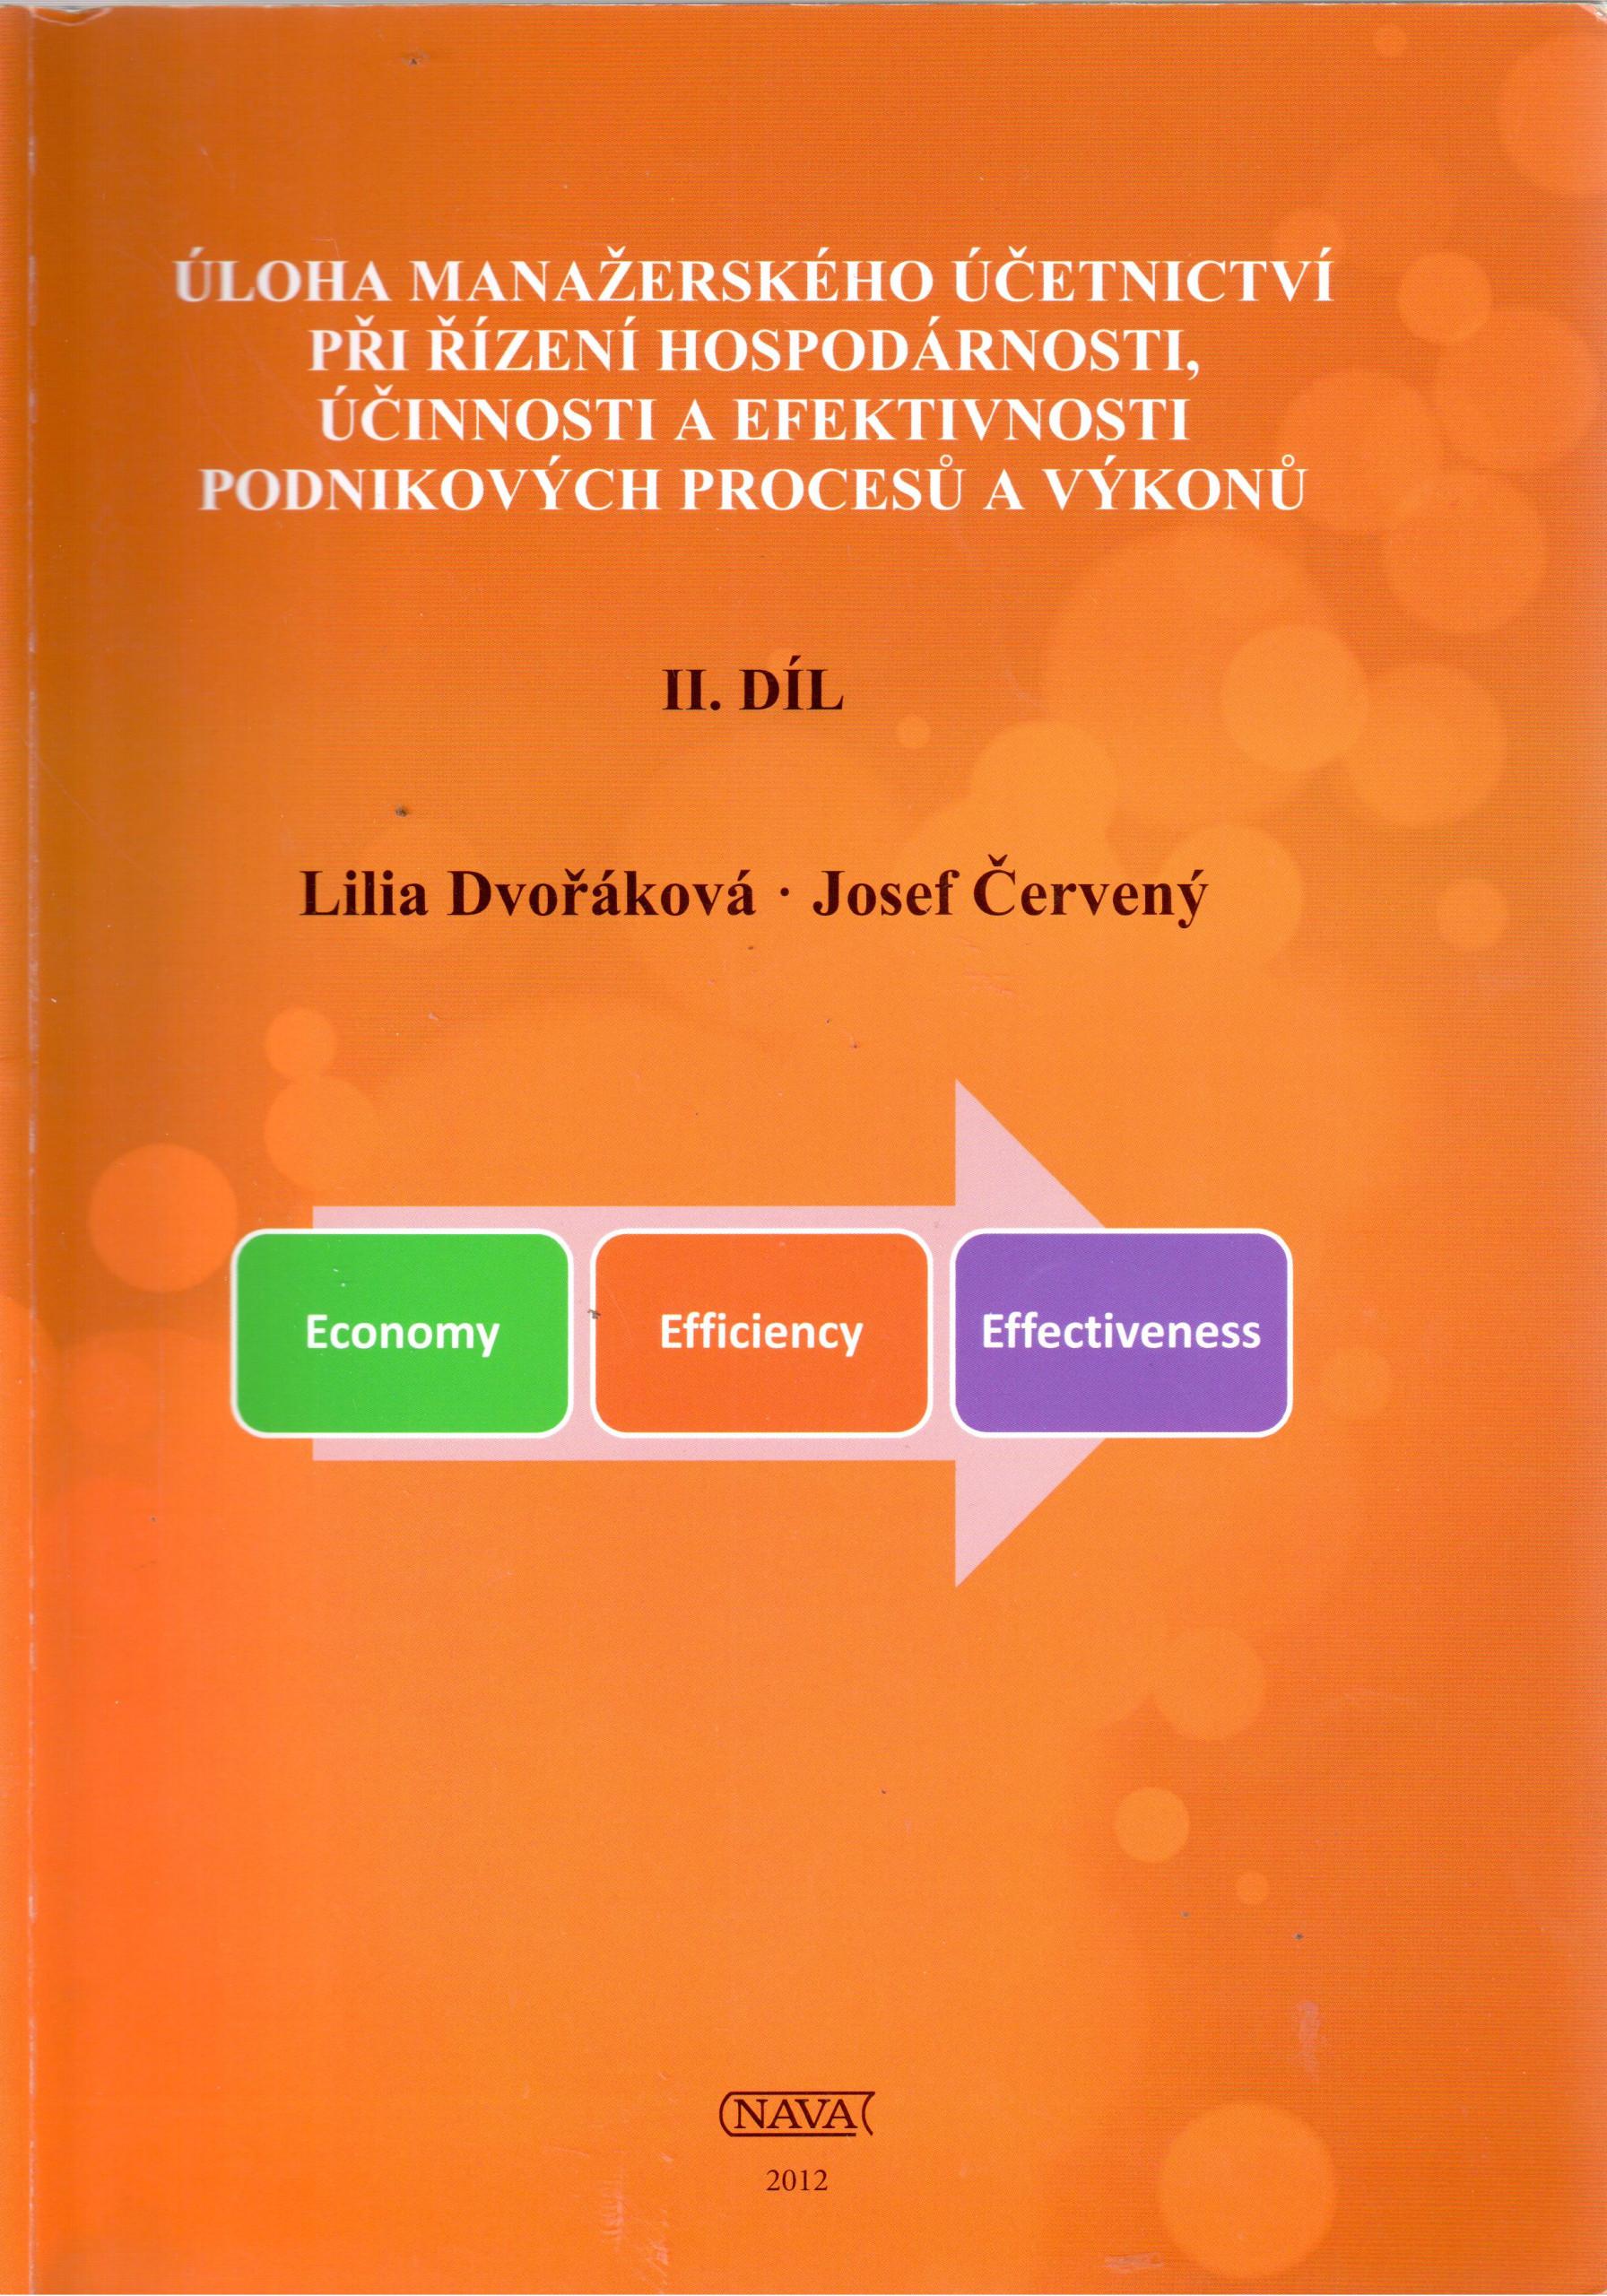 ÚLOHA MANAŽERSKÉHO ÚČETNICTVÍ PŘI ŘÍZENÍ HOSPODÁRNOSTI, ÚČINNOSTI A EFEKTIVNOSTI PODNIKOVÝCH PROCESŮ A VÝKONŮ, 2. Díl - Náhled učebnice